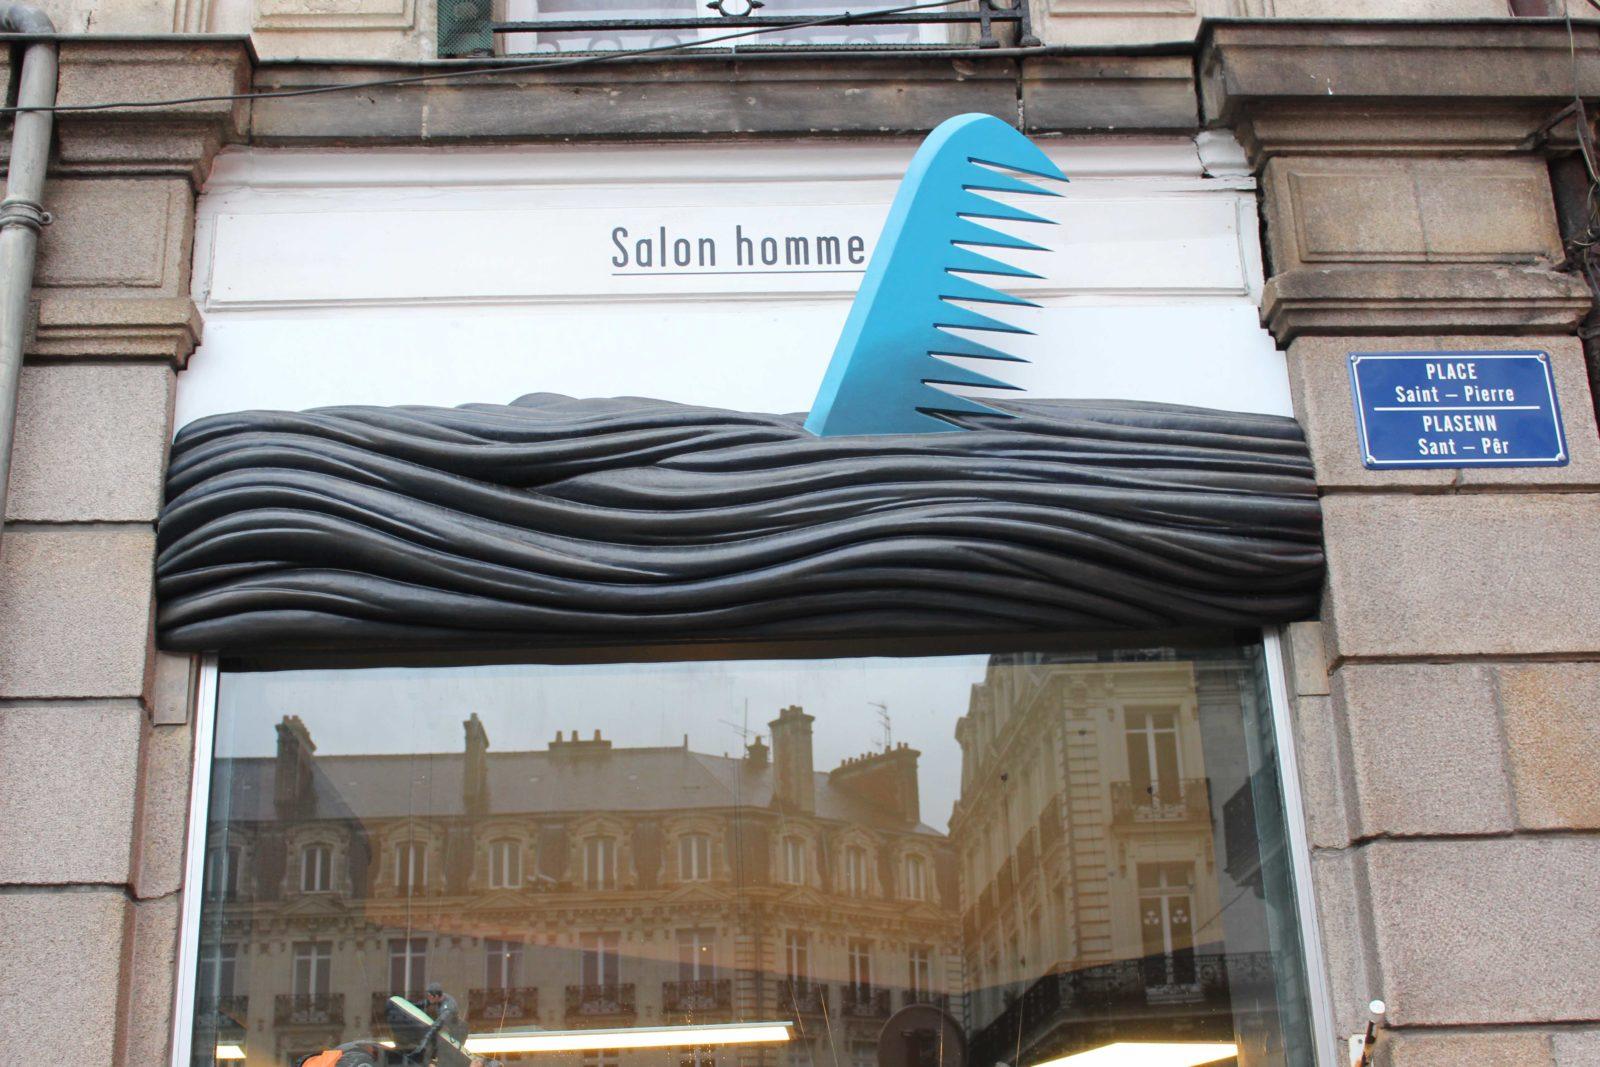 Nantes enseigne salon coiffure hommes